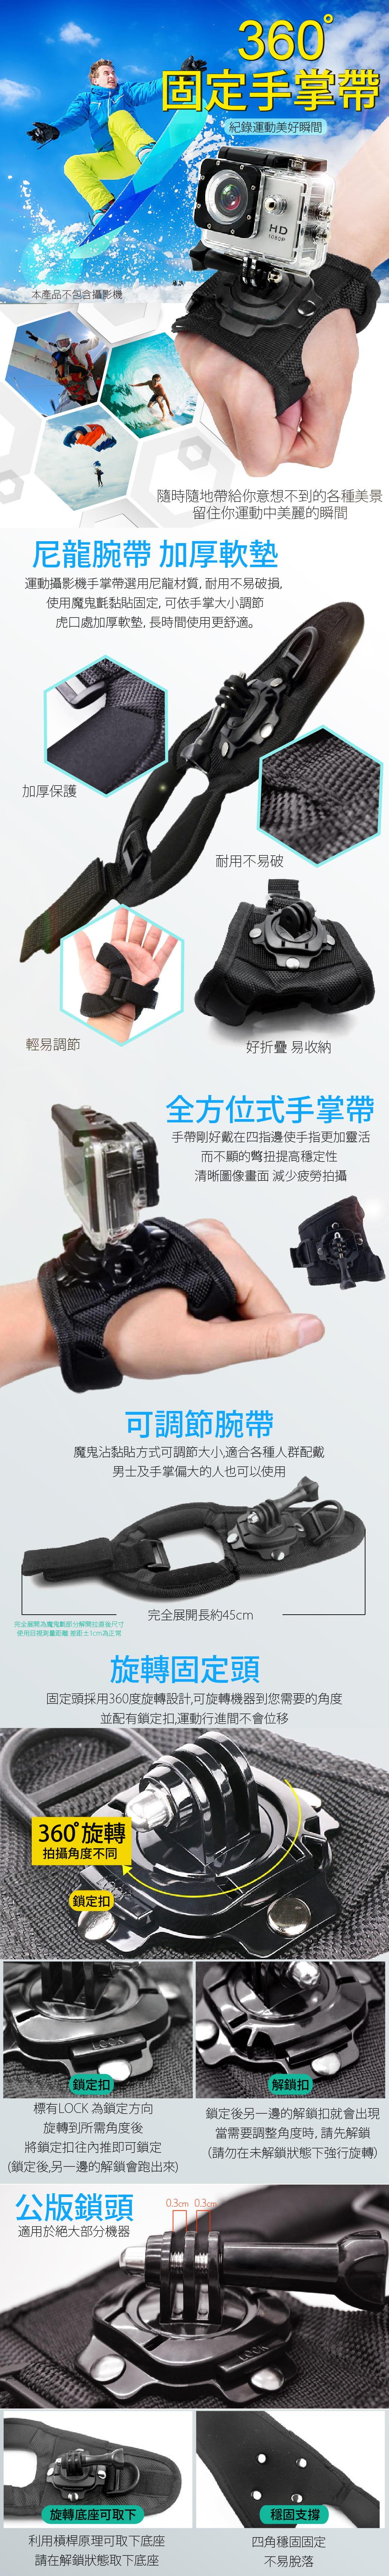 【勝利者】運動攝影機 固定式手掌帶 1